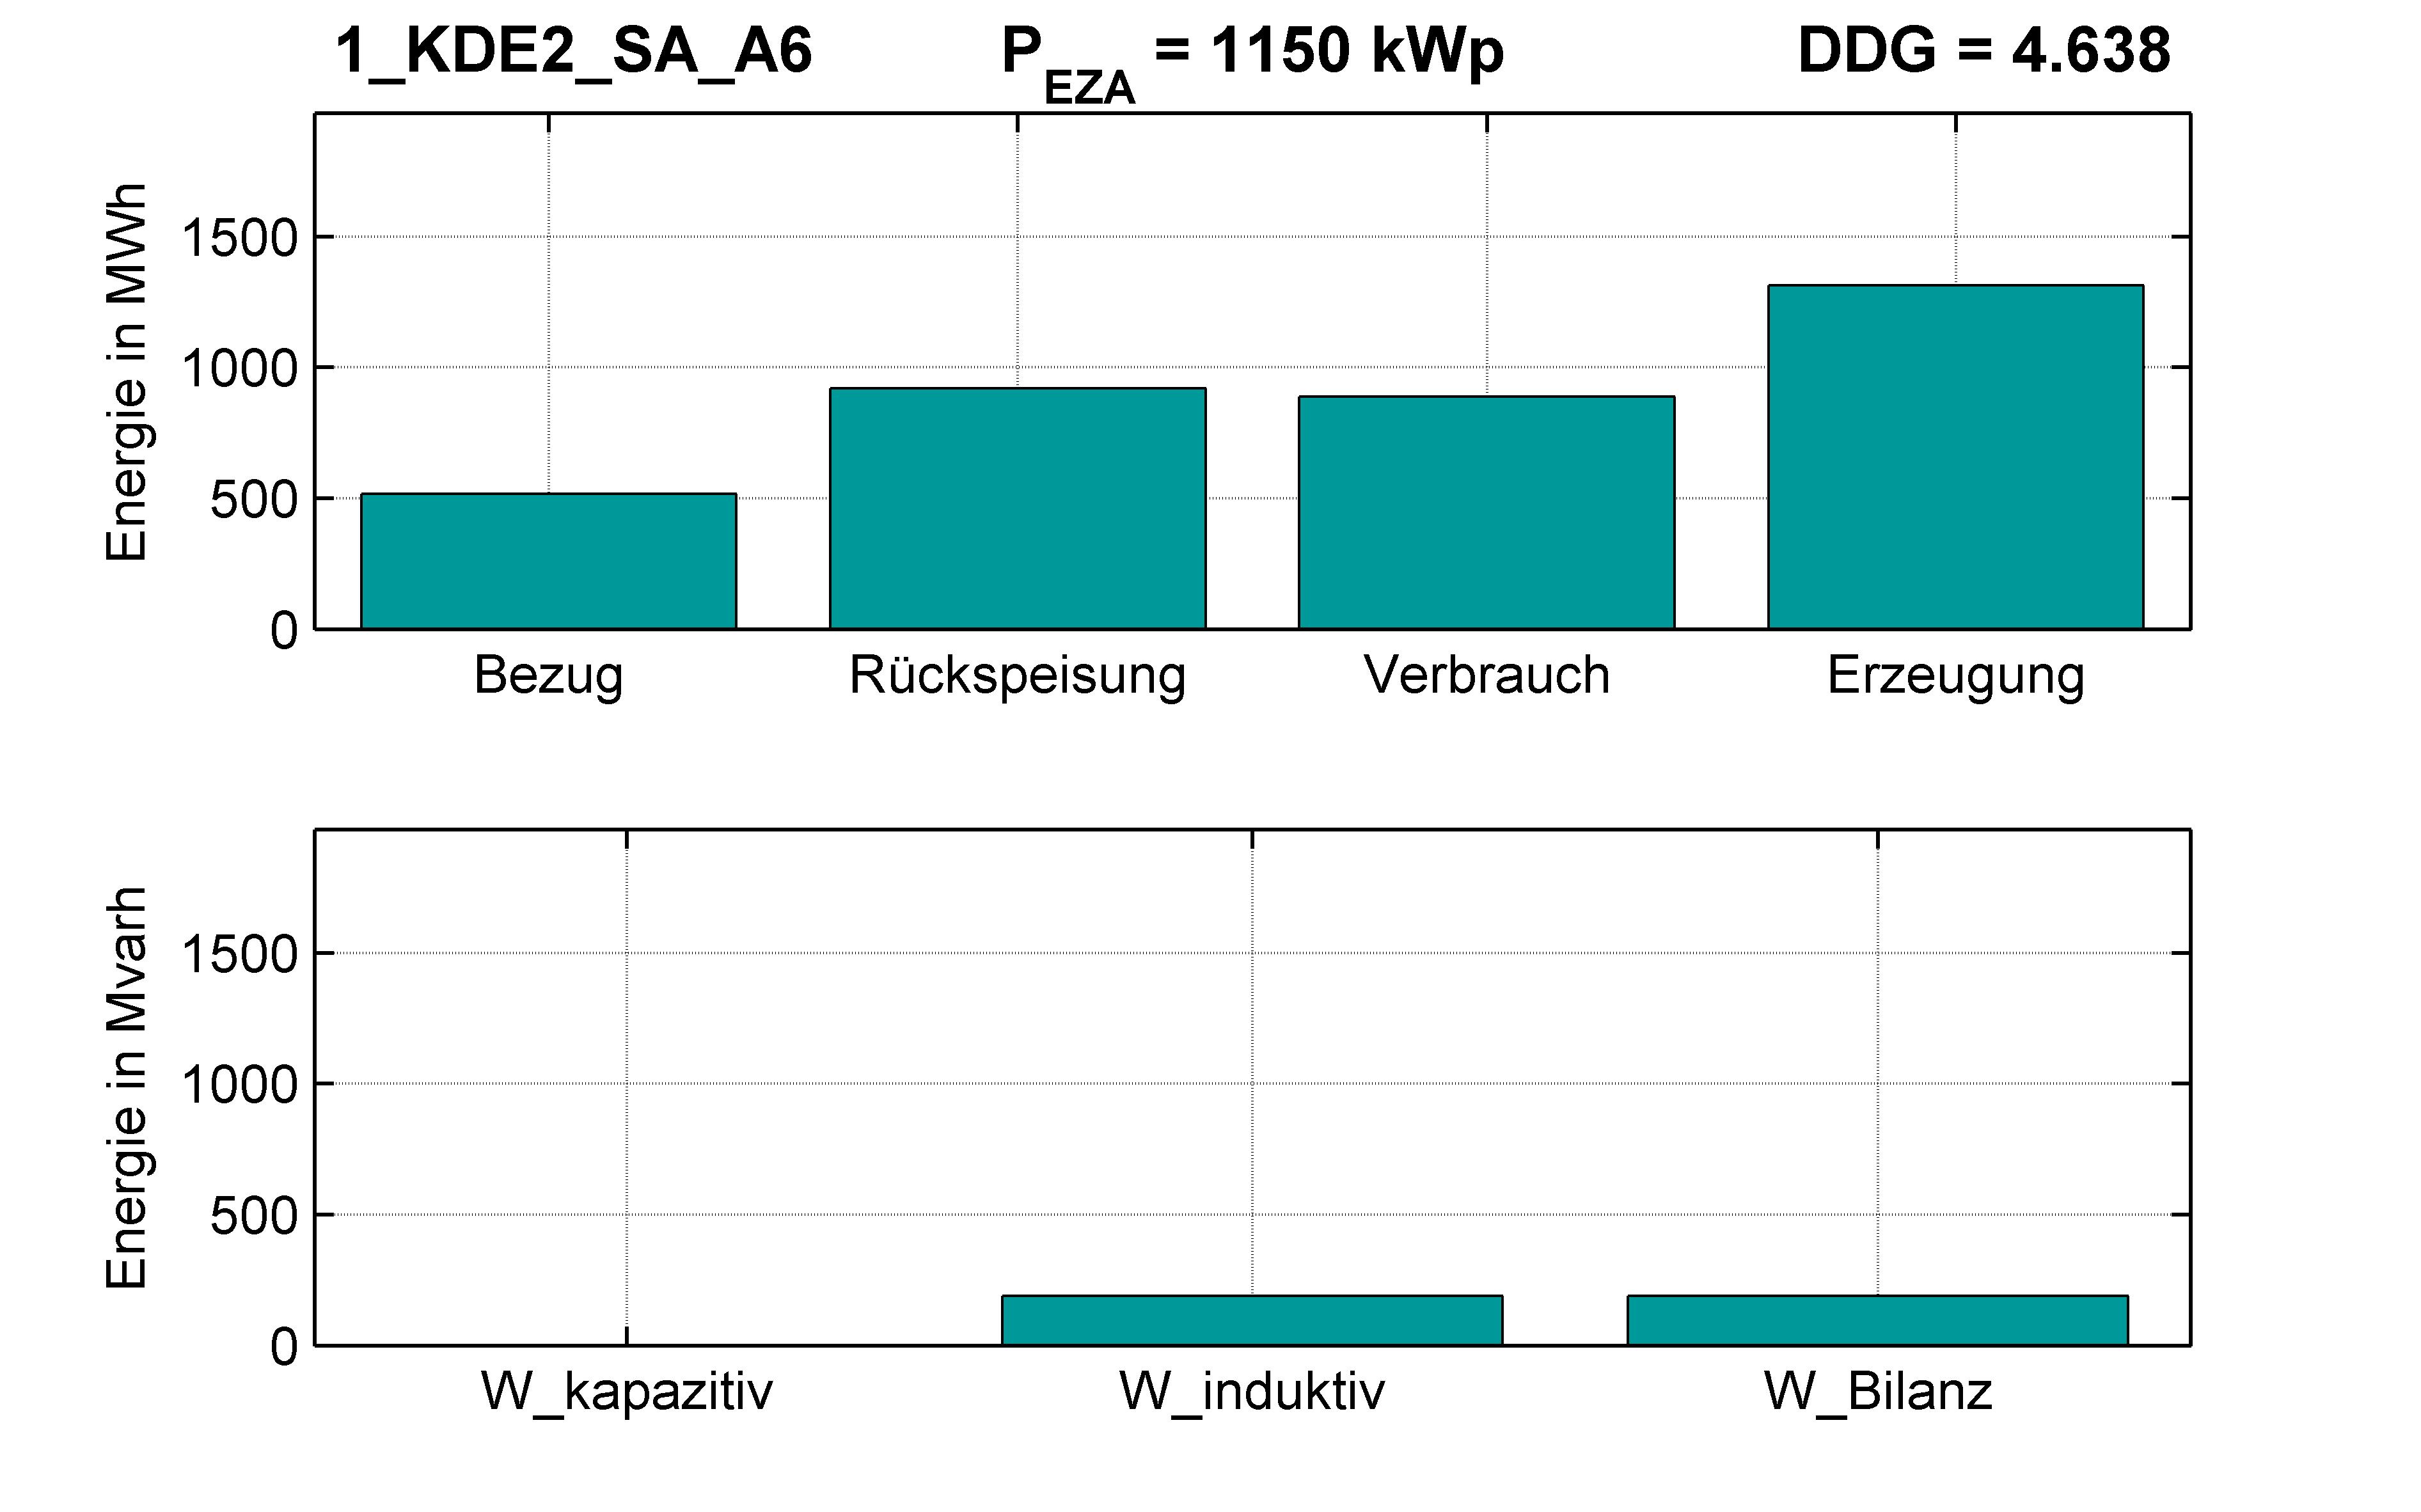 KDE2 | KABEL (SA) A6 | PQ-Bilanz